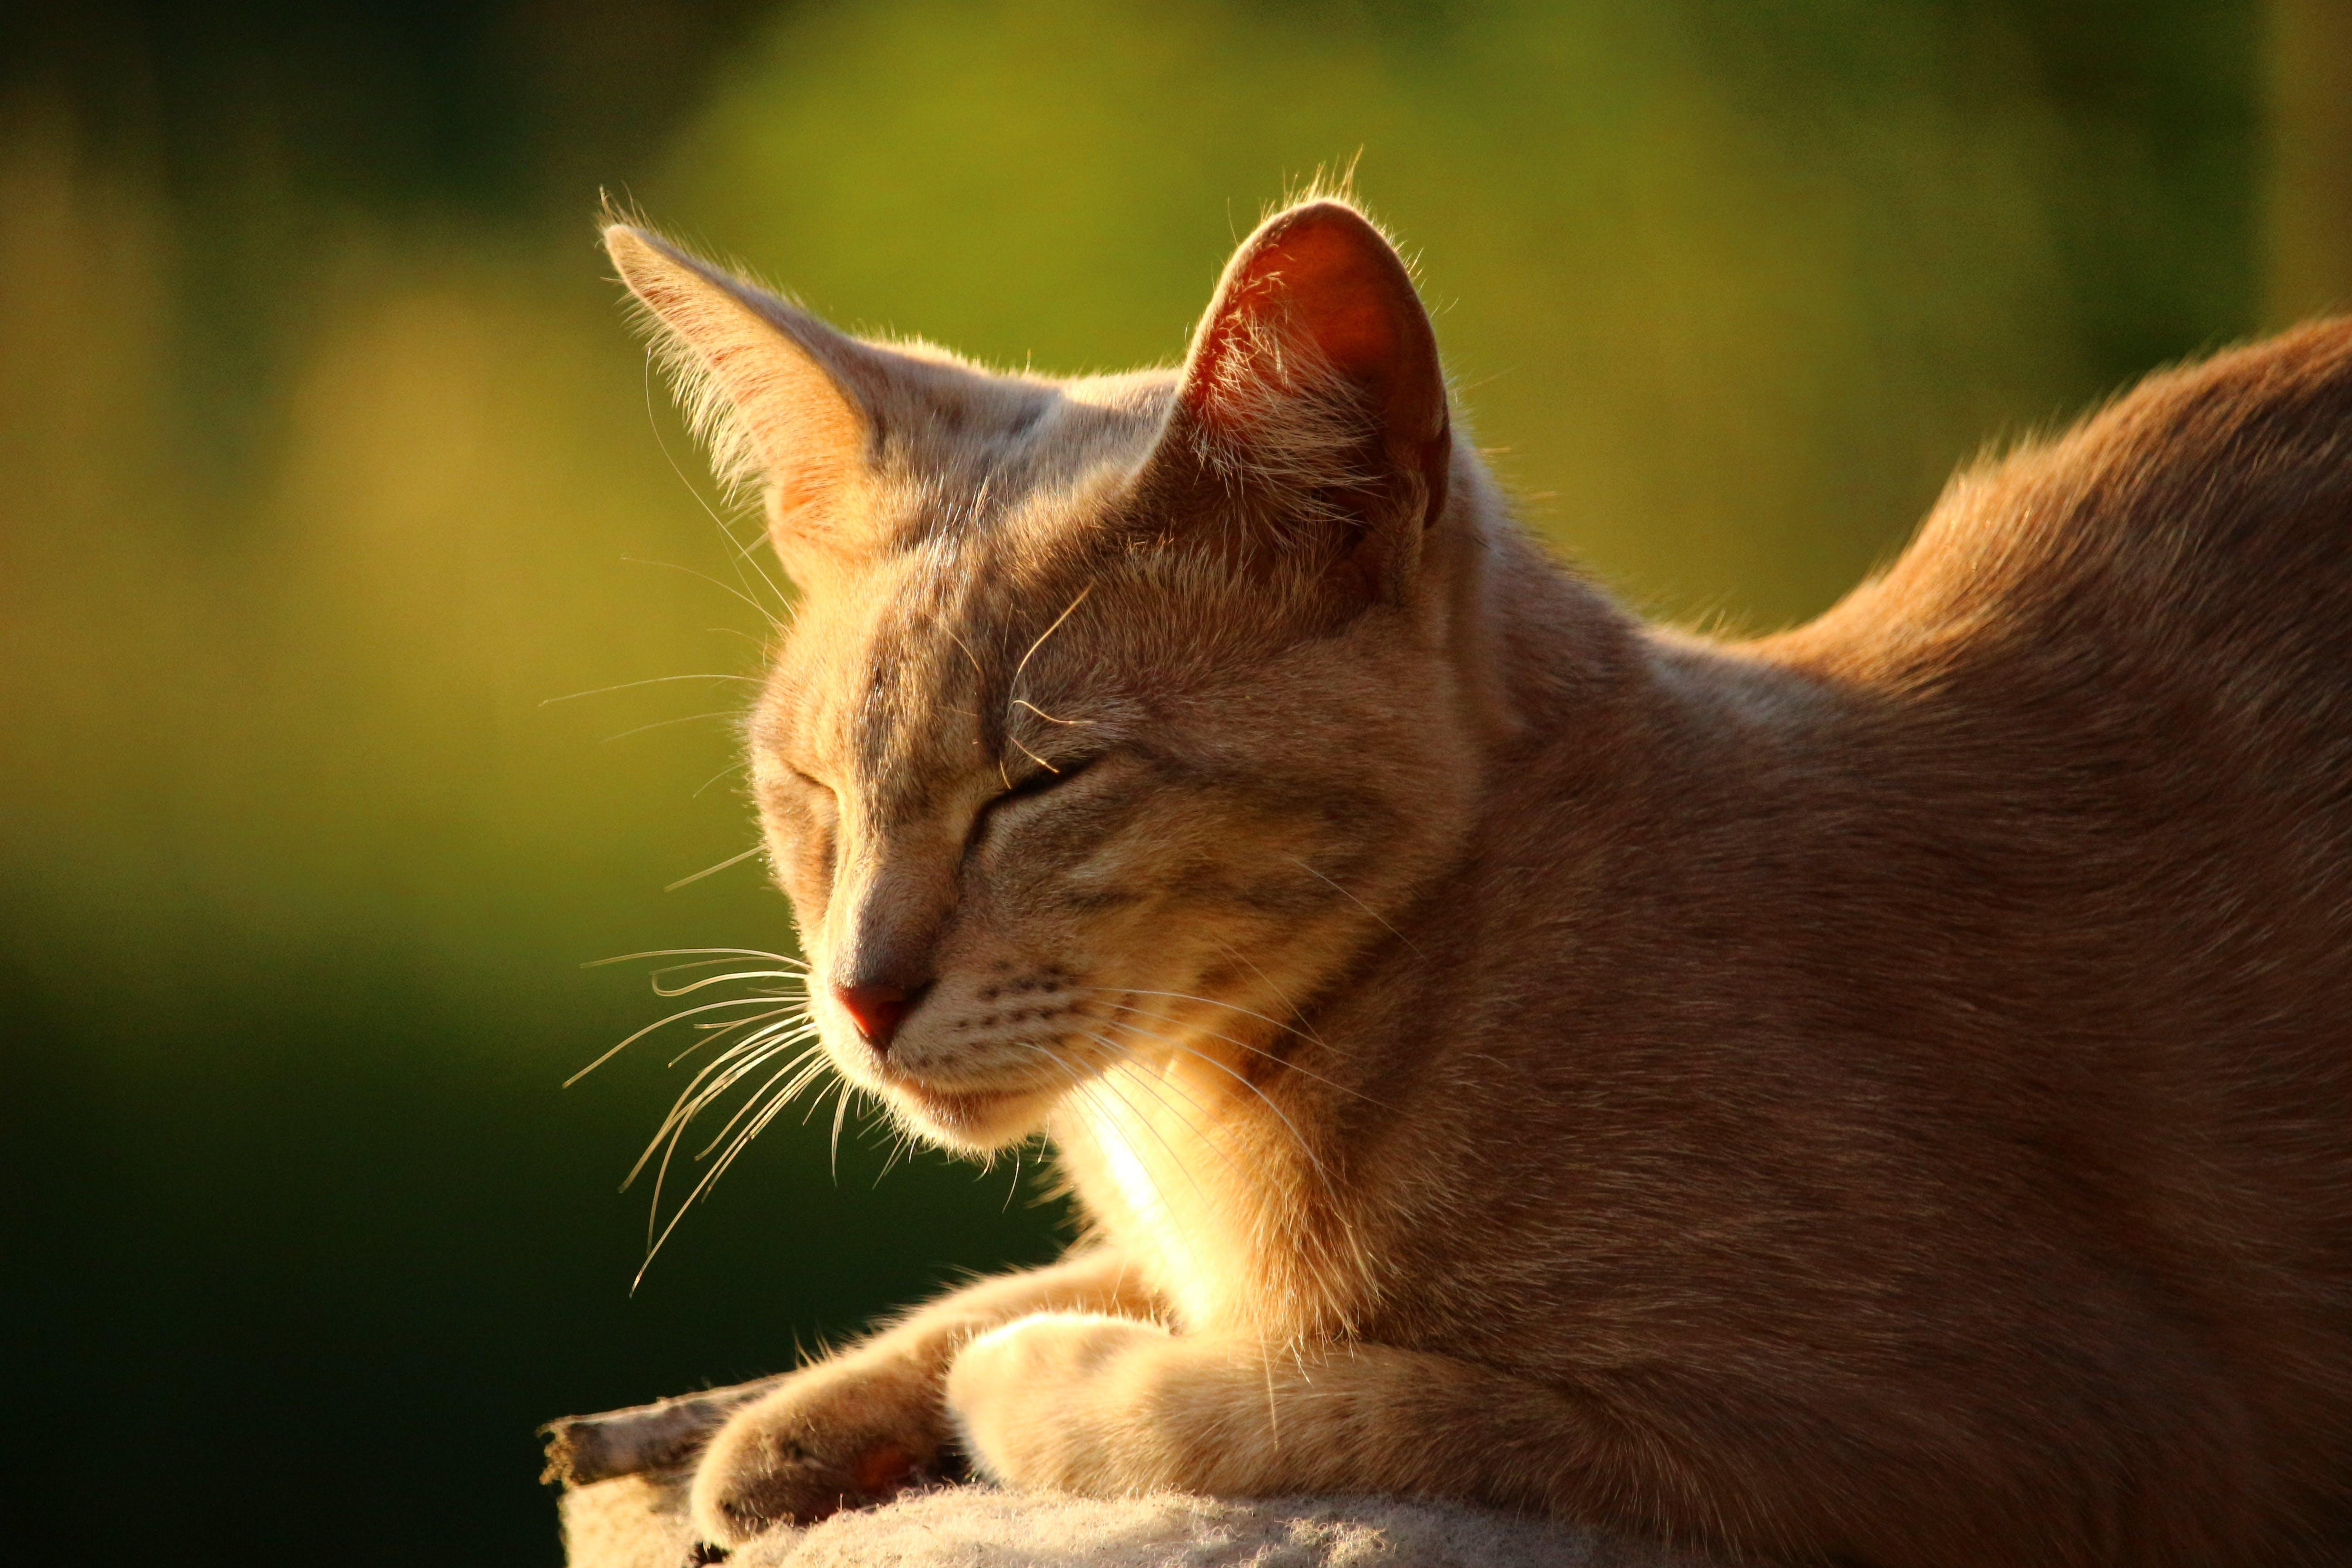 Free stock photo of summer, sun, kitten, cat